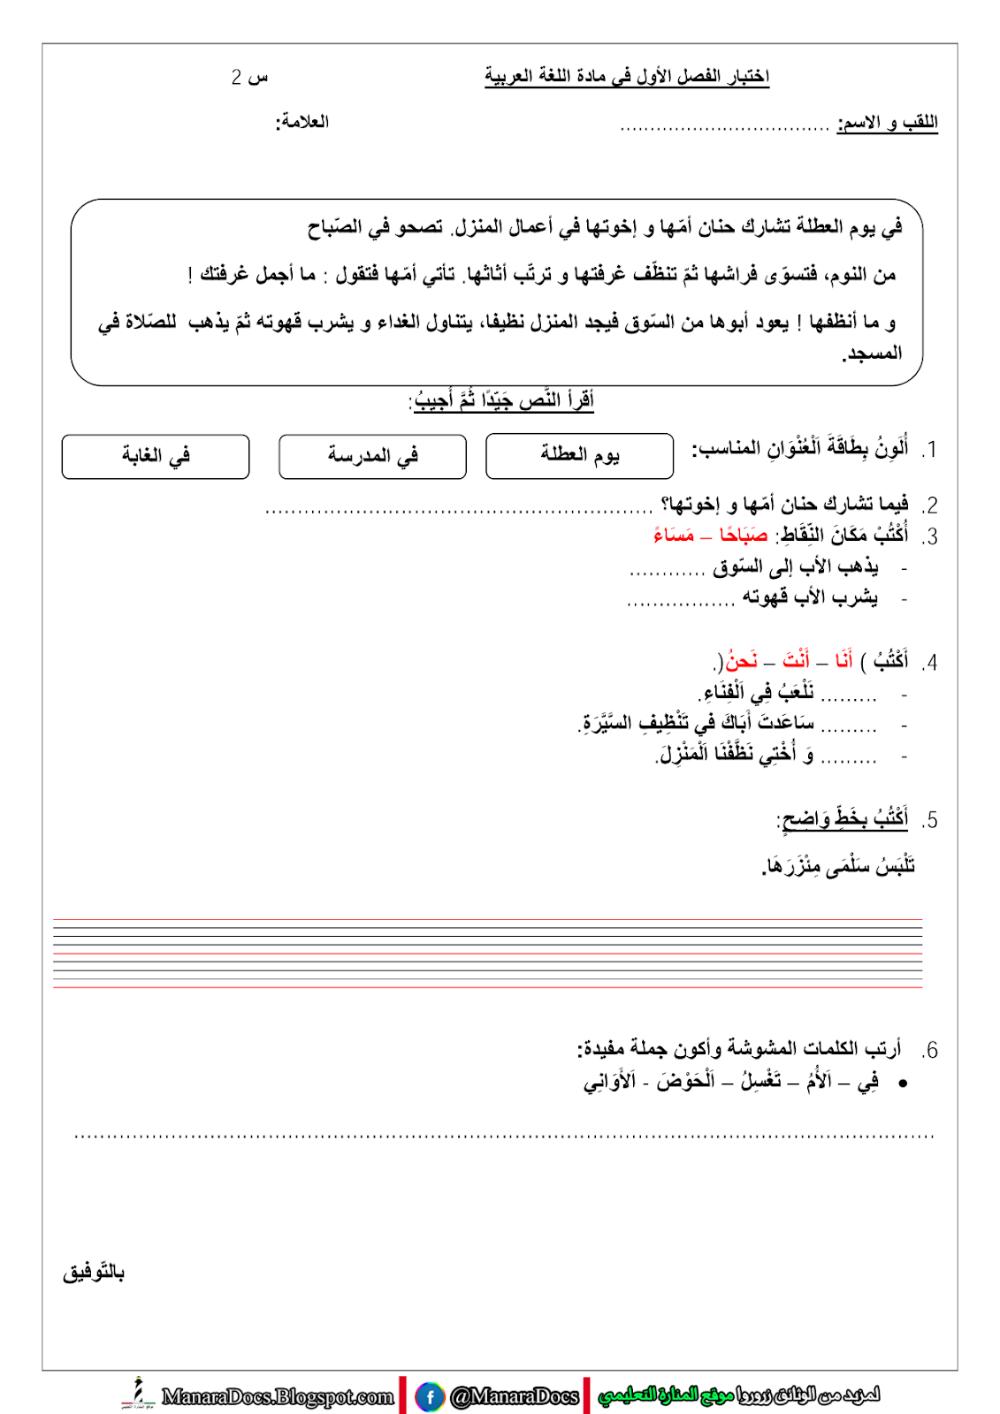 نماذج فروض و اختبارات اللغة العربية السنة 2 الثانية ابتدائي الجيل الثاني الفصل الاول Chart